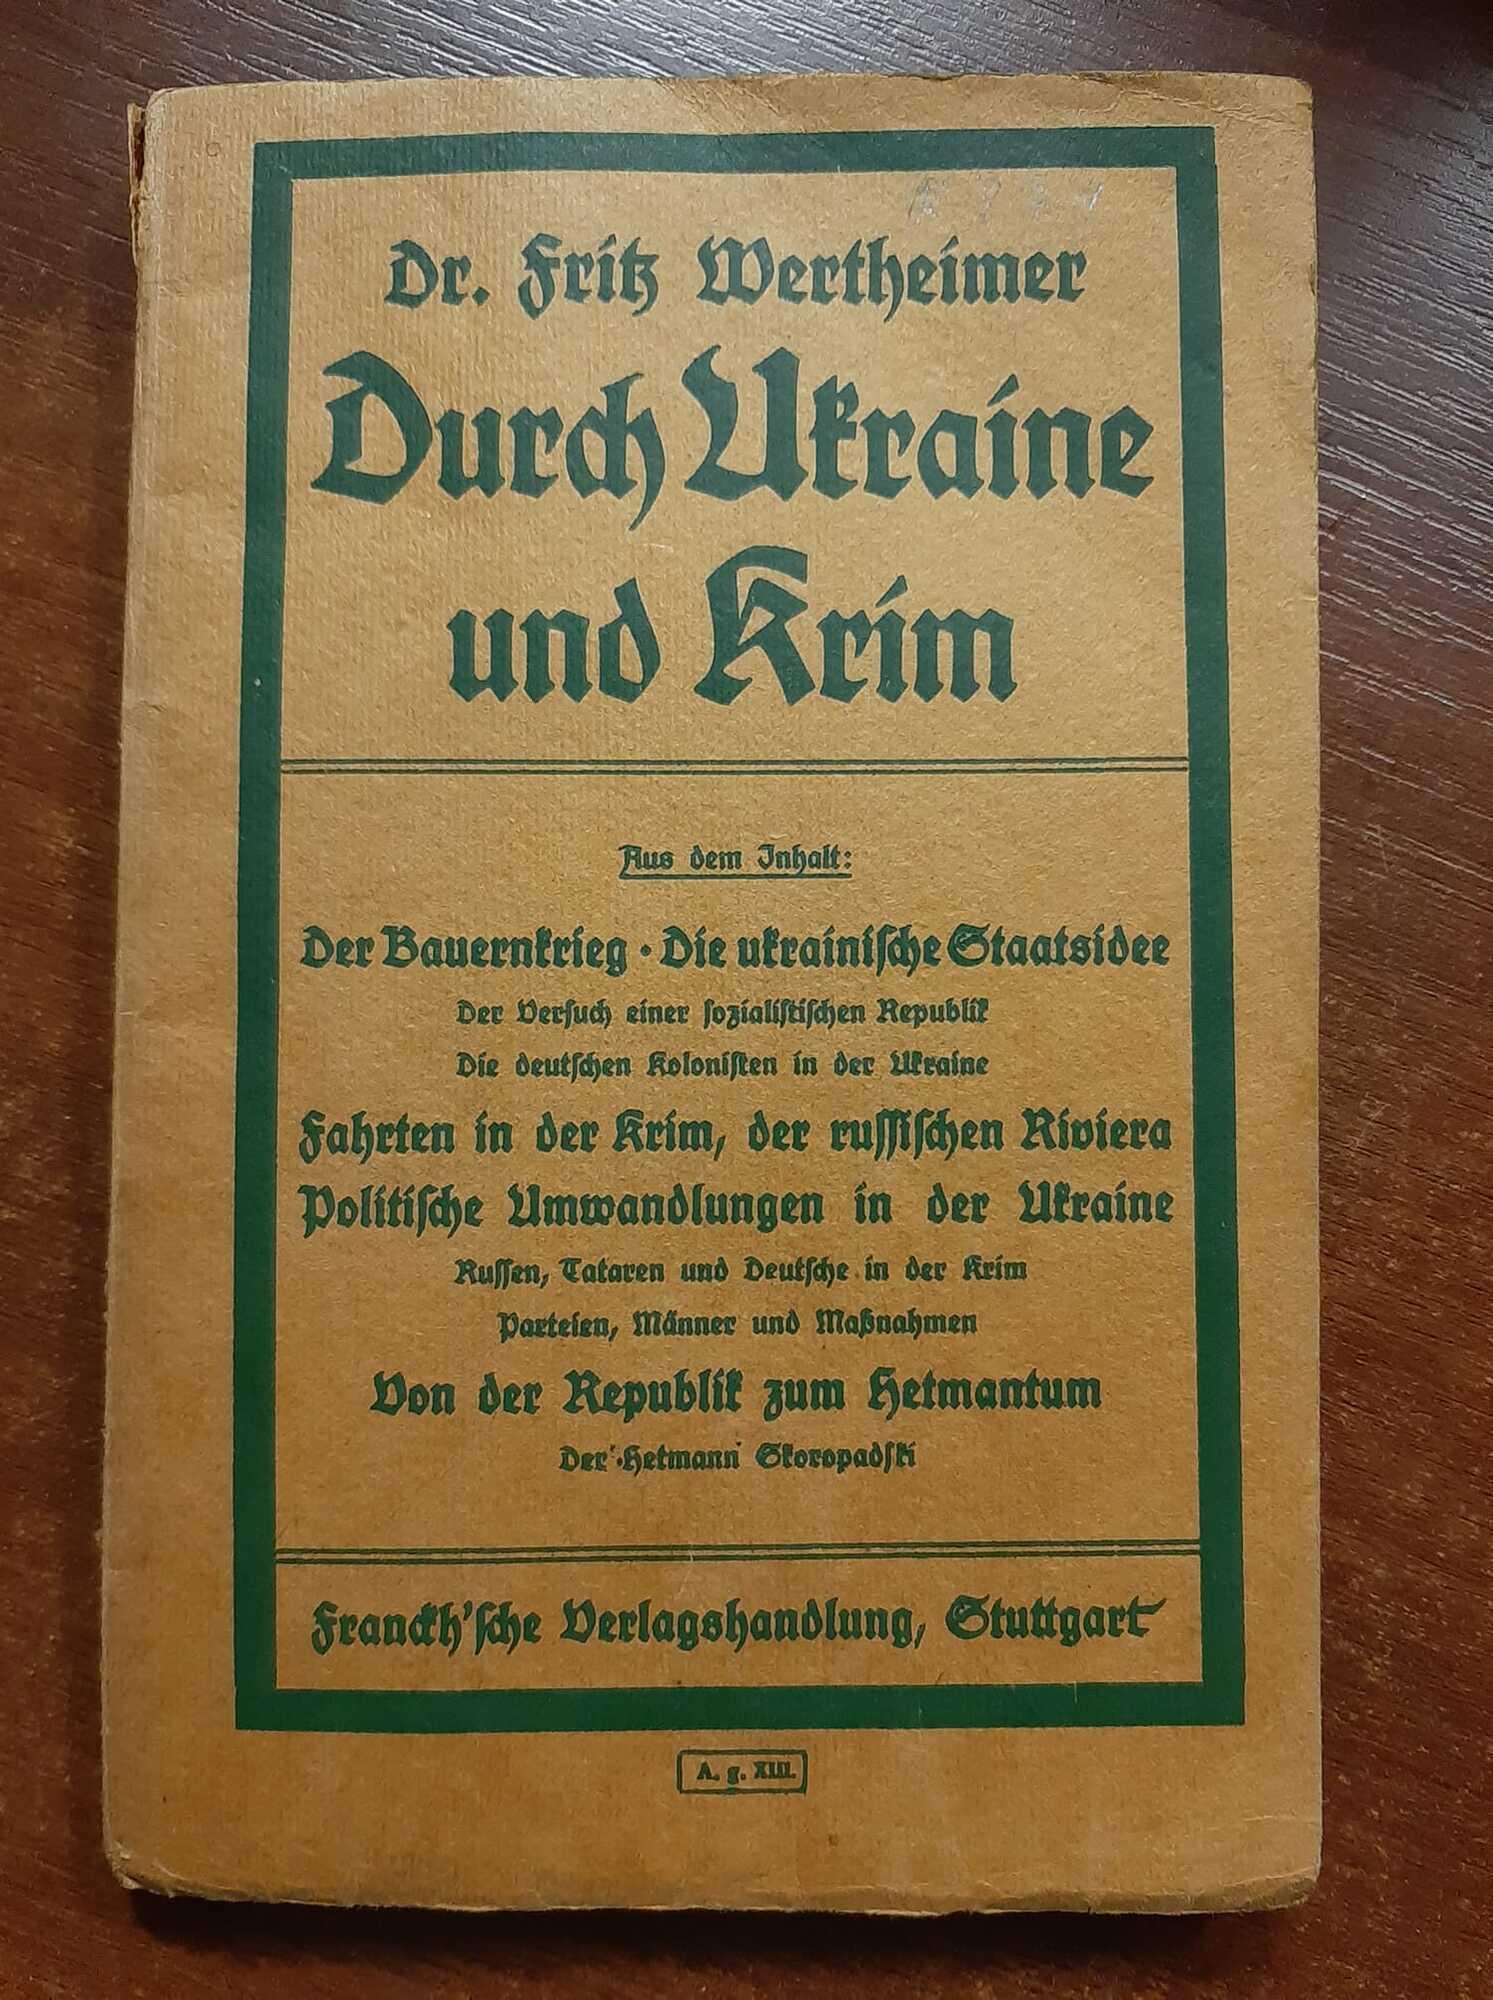 Німецькомовна книга про Україну, видана 103 роки тому